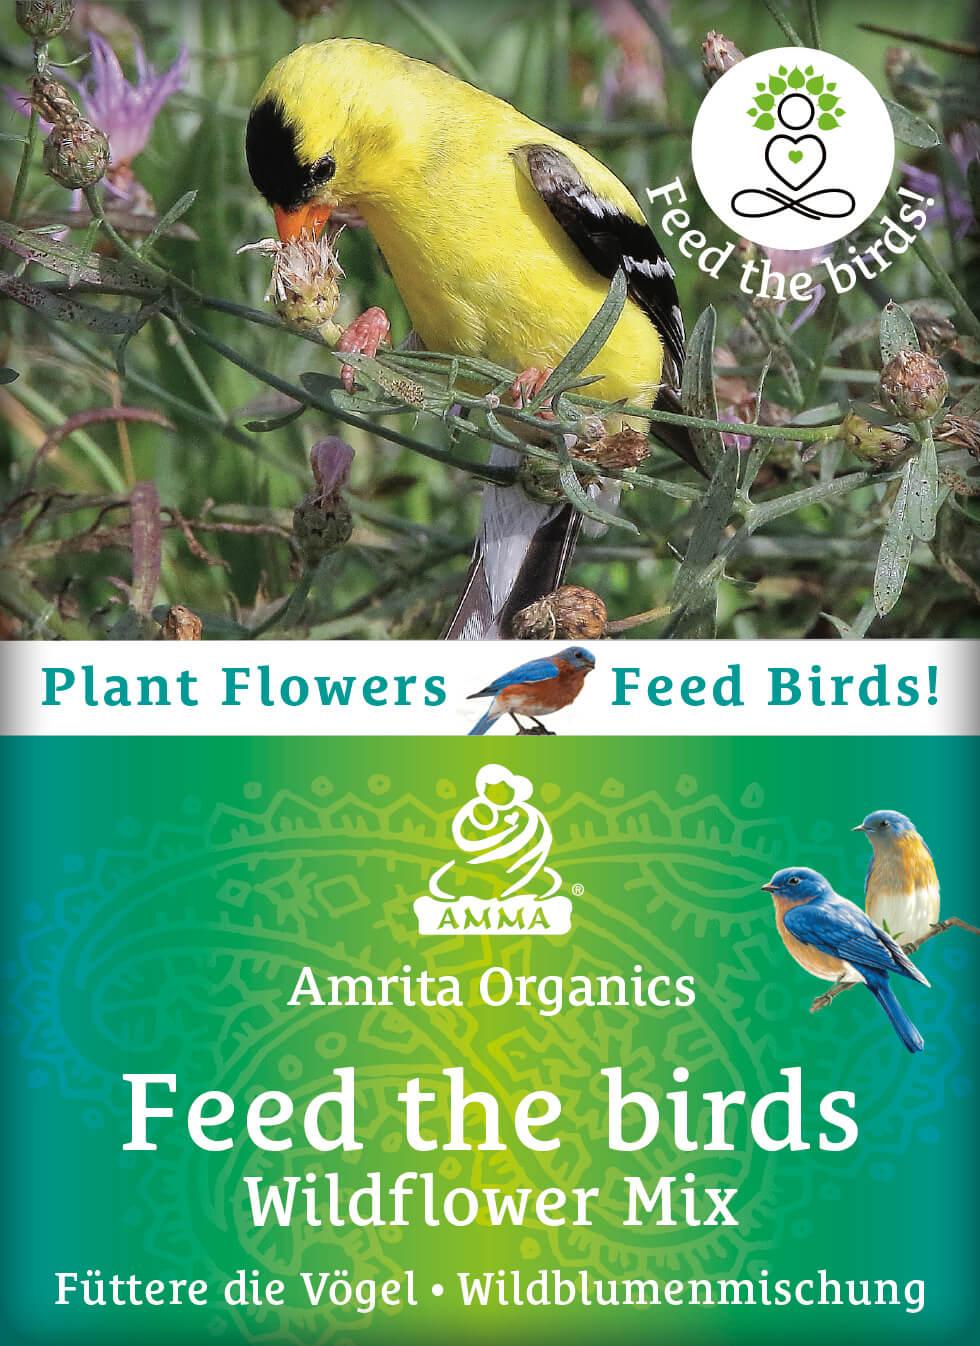 Füttere die Vögel - Wildblumenmischung, bio